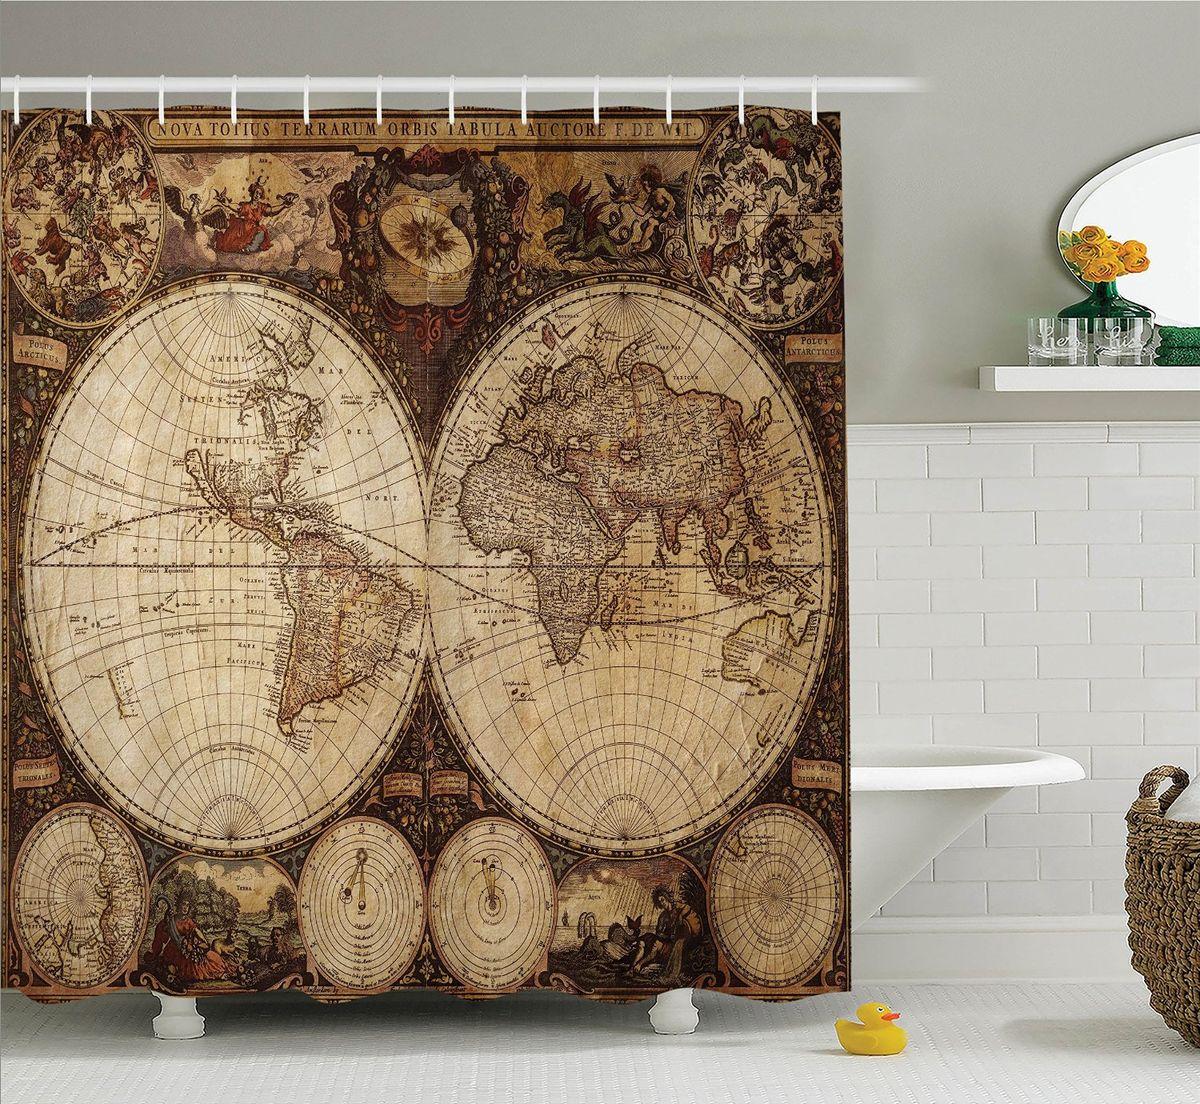 Штора для ванной комнаты Magic Lady Карта мира, 180 х 200 см. шв_13745 фотоштора для ванной утка принимает душ magic lady 180 х 200 см